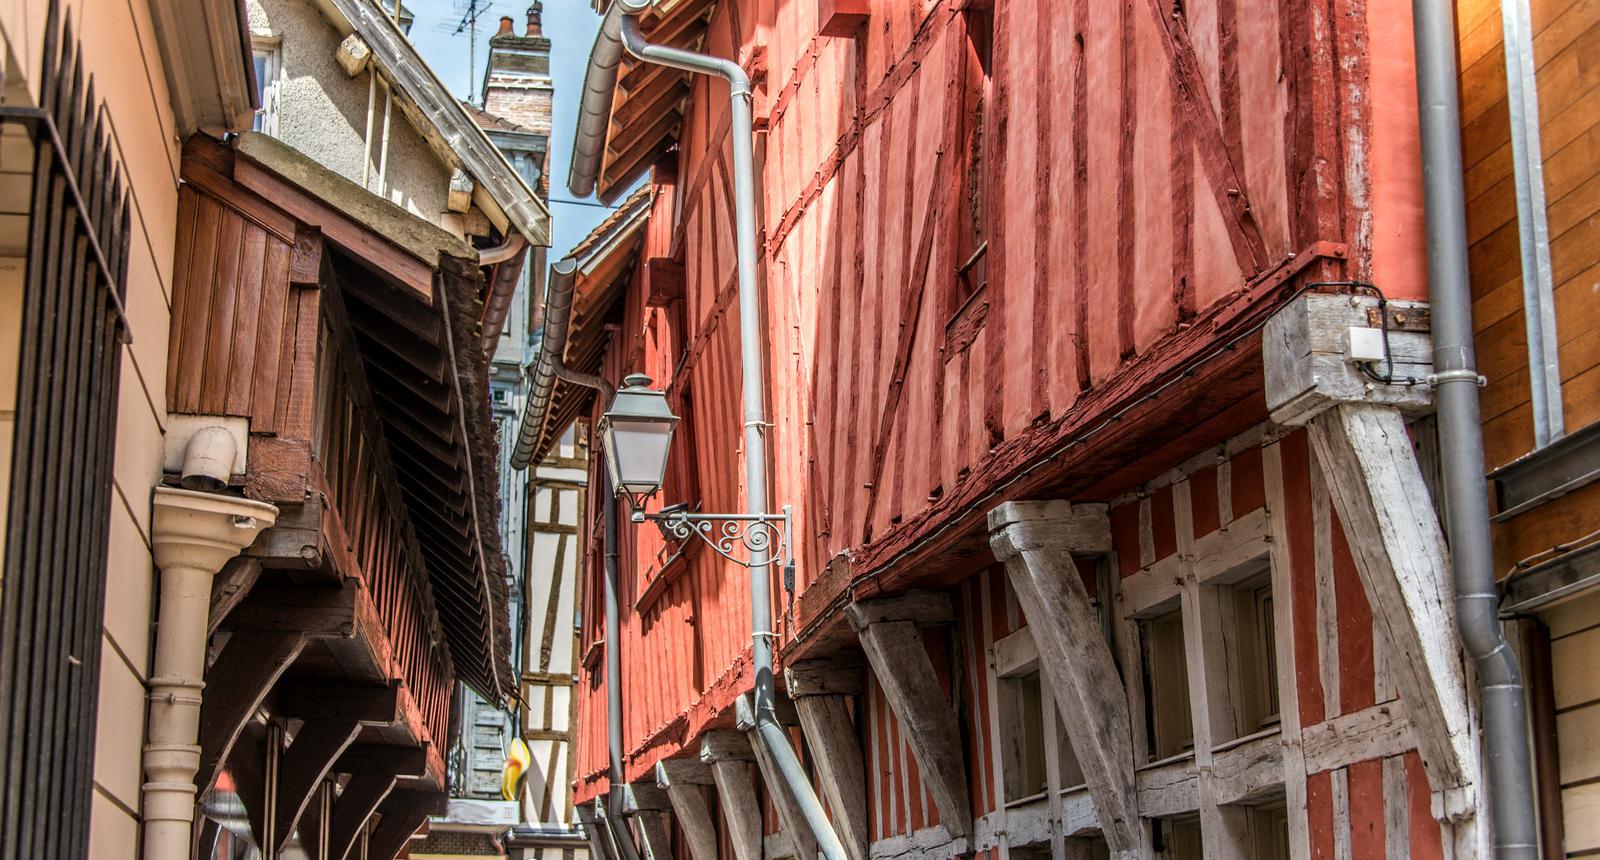 Ruelles bordée de maisons à colombages, Troyes